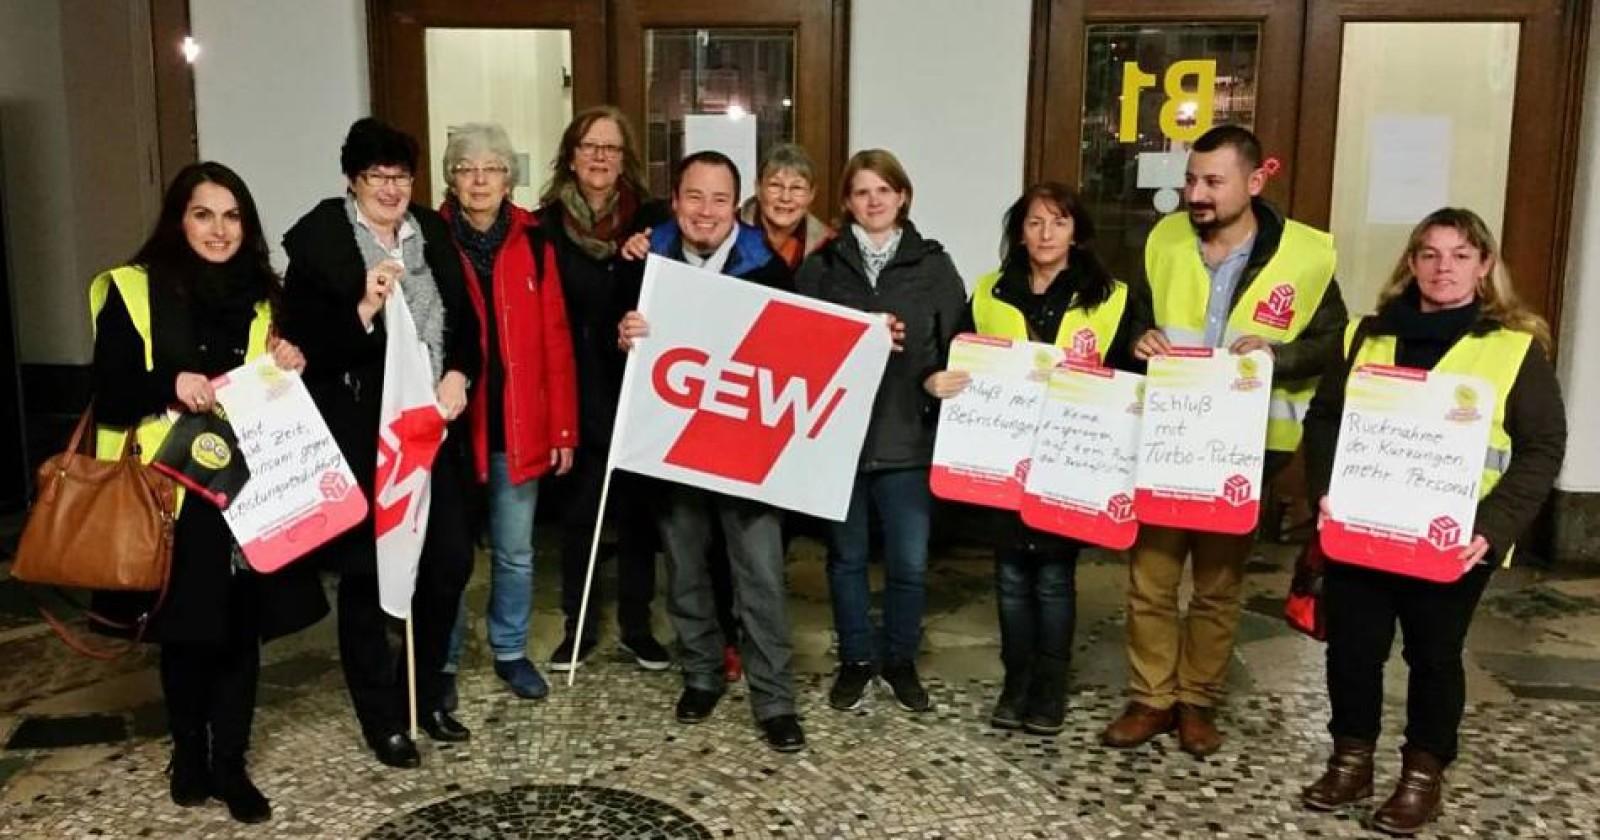 RP Online: Aufstand der Putzfrauen im Krefelder Rathaus